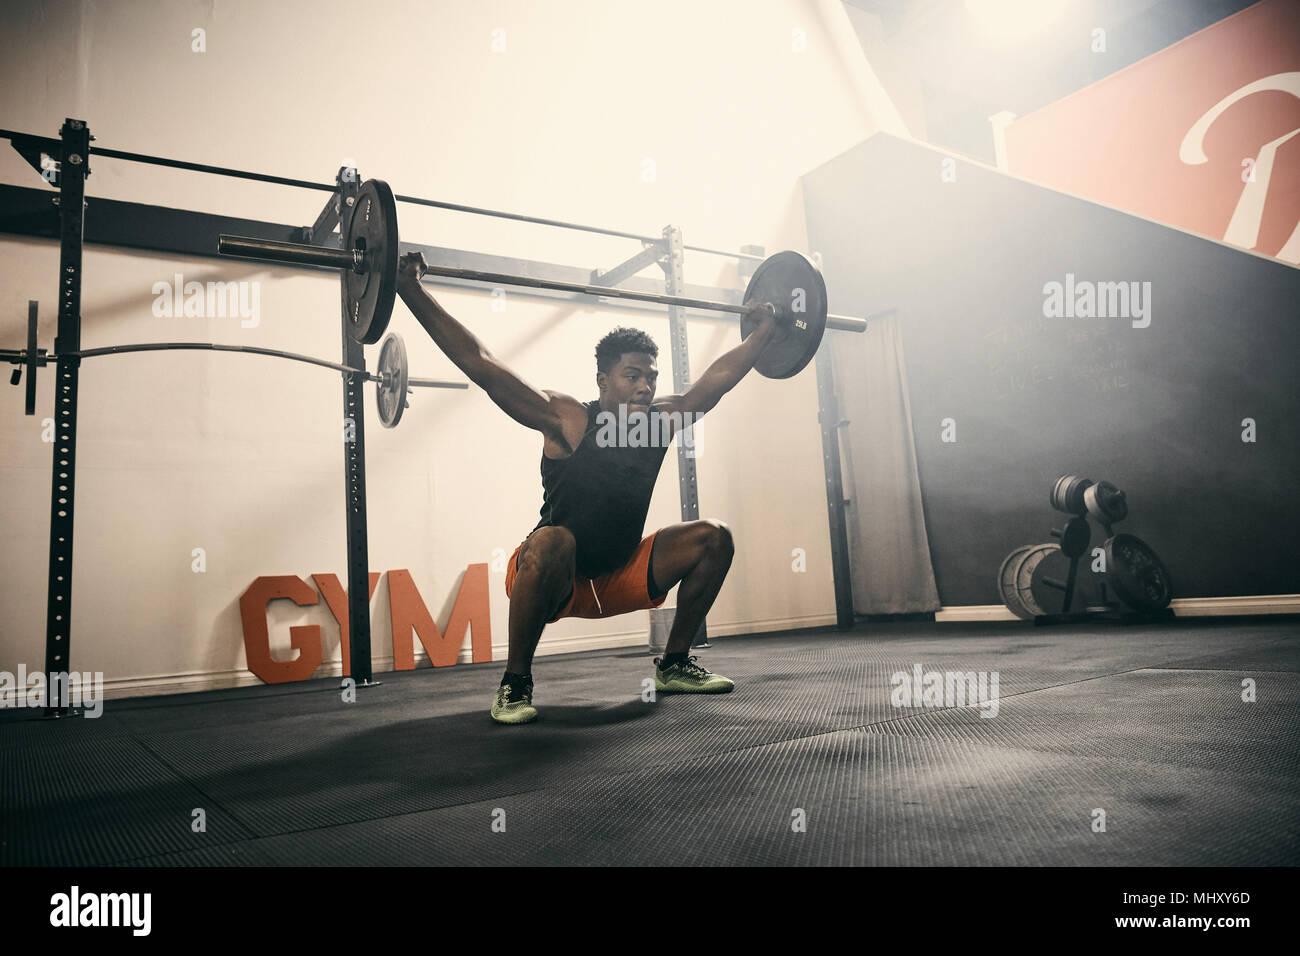 Uomo in palestra pesi utilizzando barbell Immagini Stock